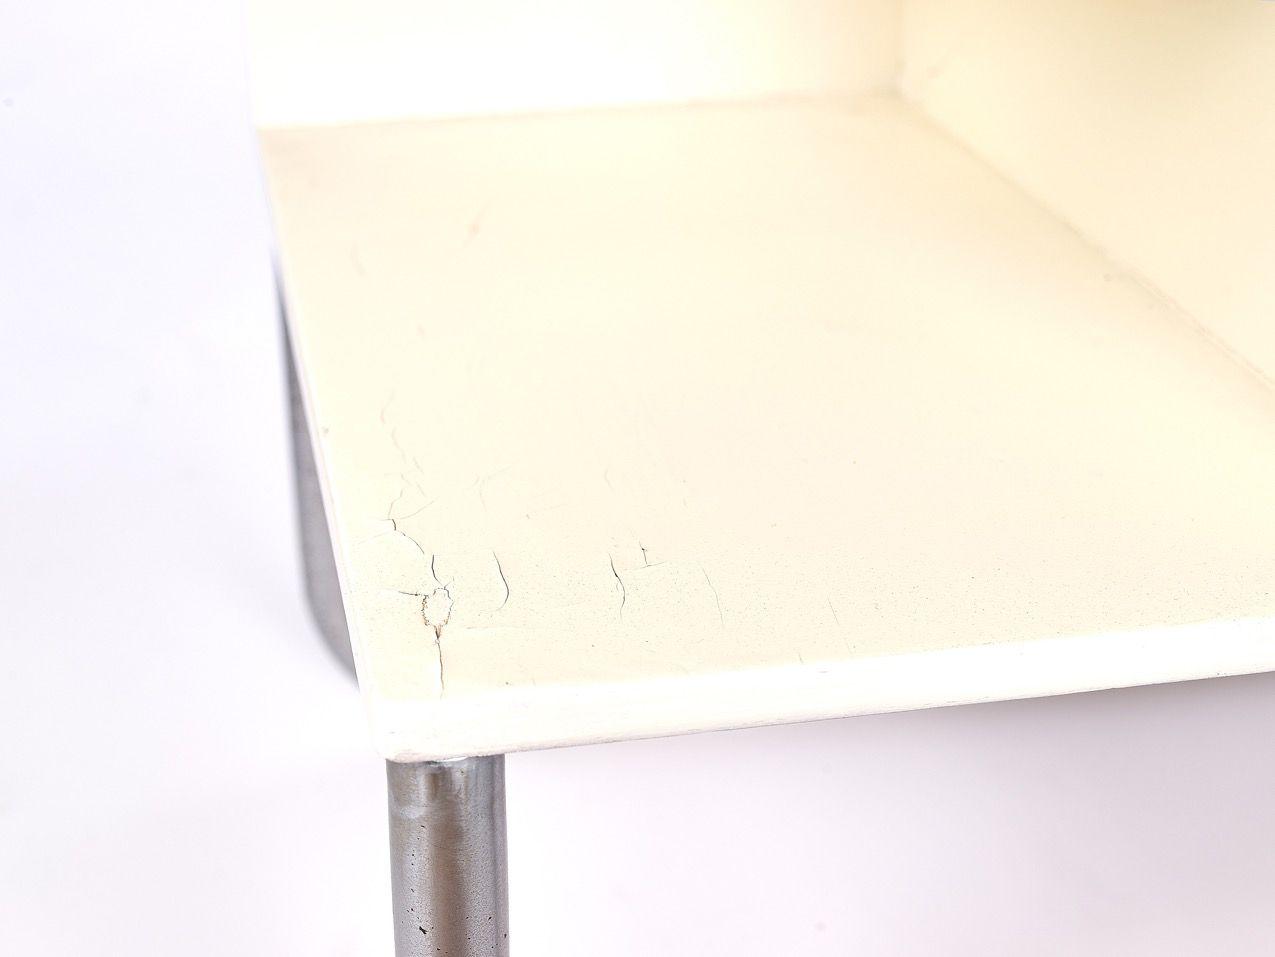 Table de nuit bauhaus allemagne 1940s en vente sur pamono - Table de nuit en anglais ...